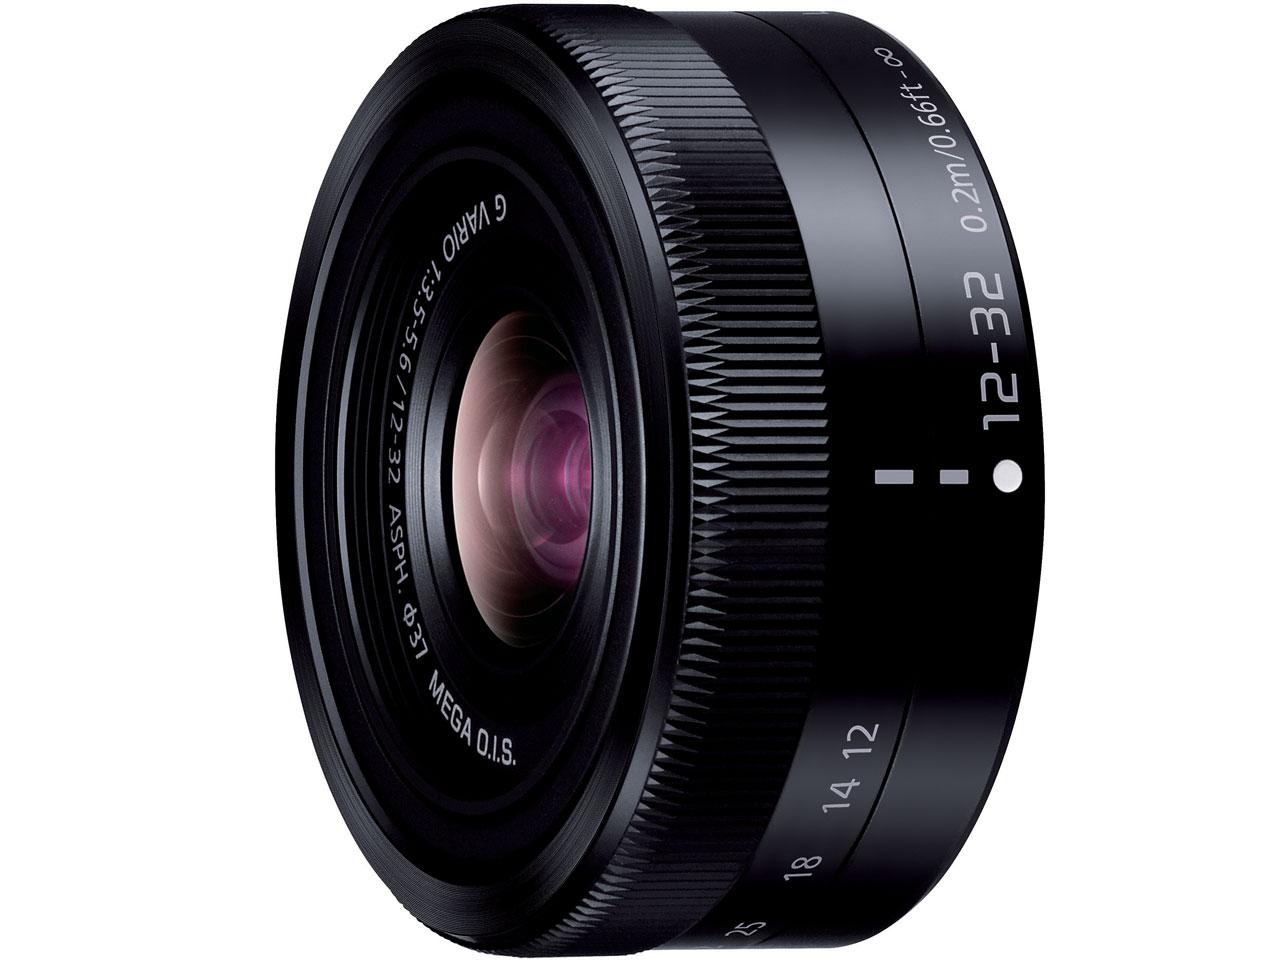 LUMIX G VARIO 12-32mm/F3.5-5.6 ASPH./MEGA O.I.S. H-FS12032-K [ブラック] の製品画像